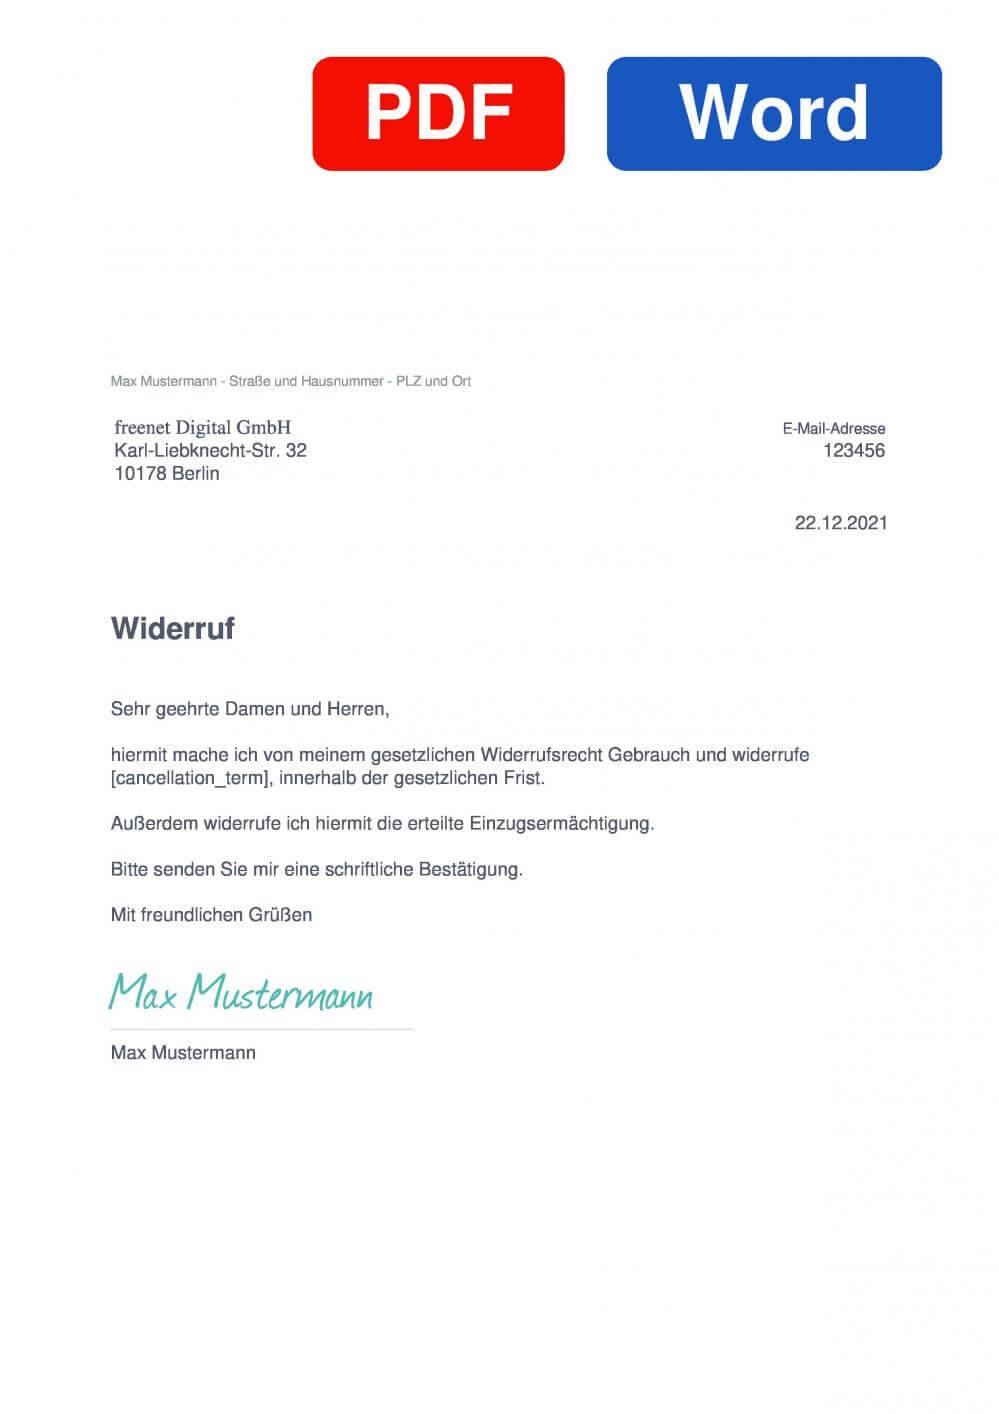 freenet Ringtoneking Muster Vorlage für Wiederrufsschreiben